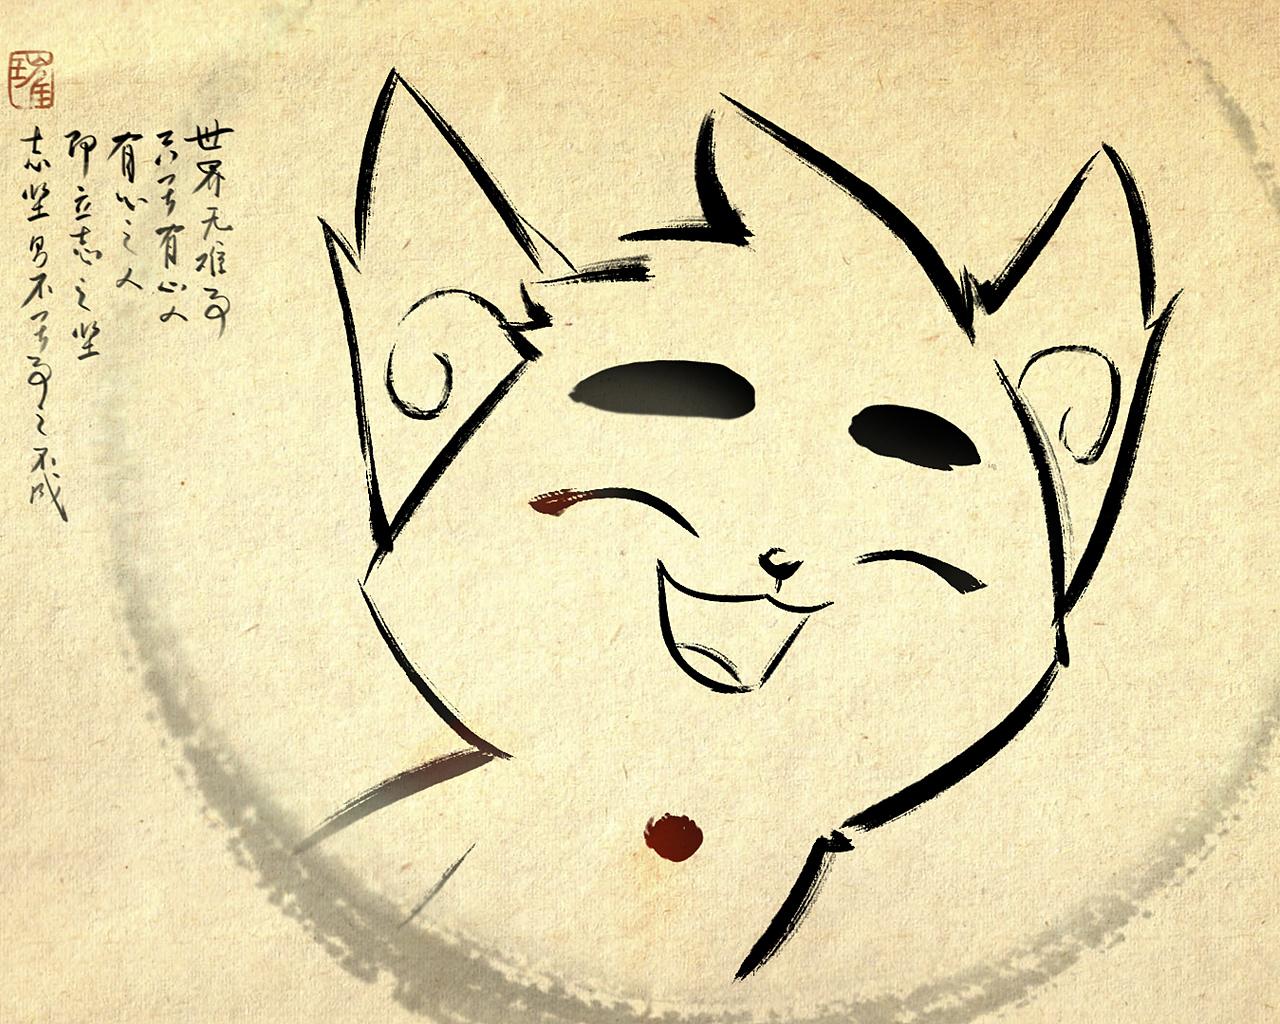 京剧猫 安卓手机壁纸